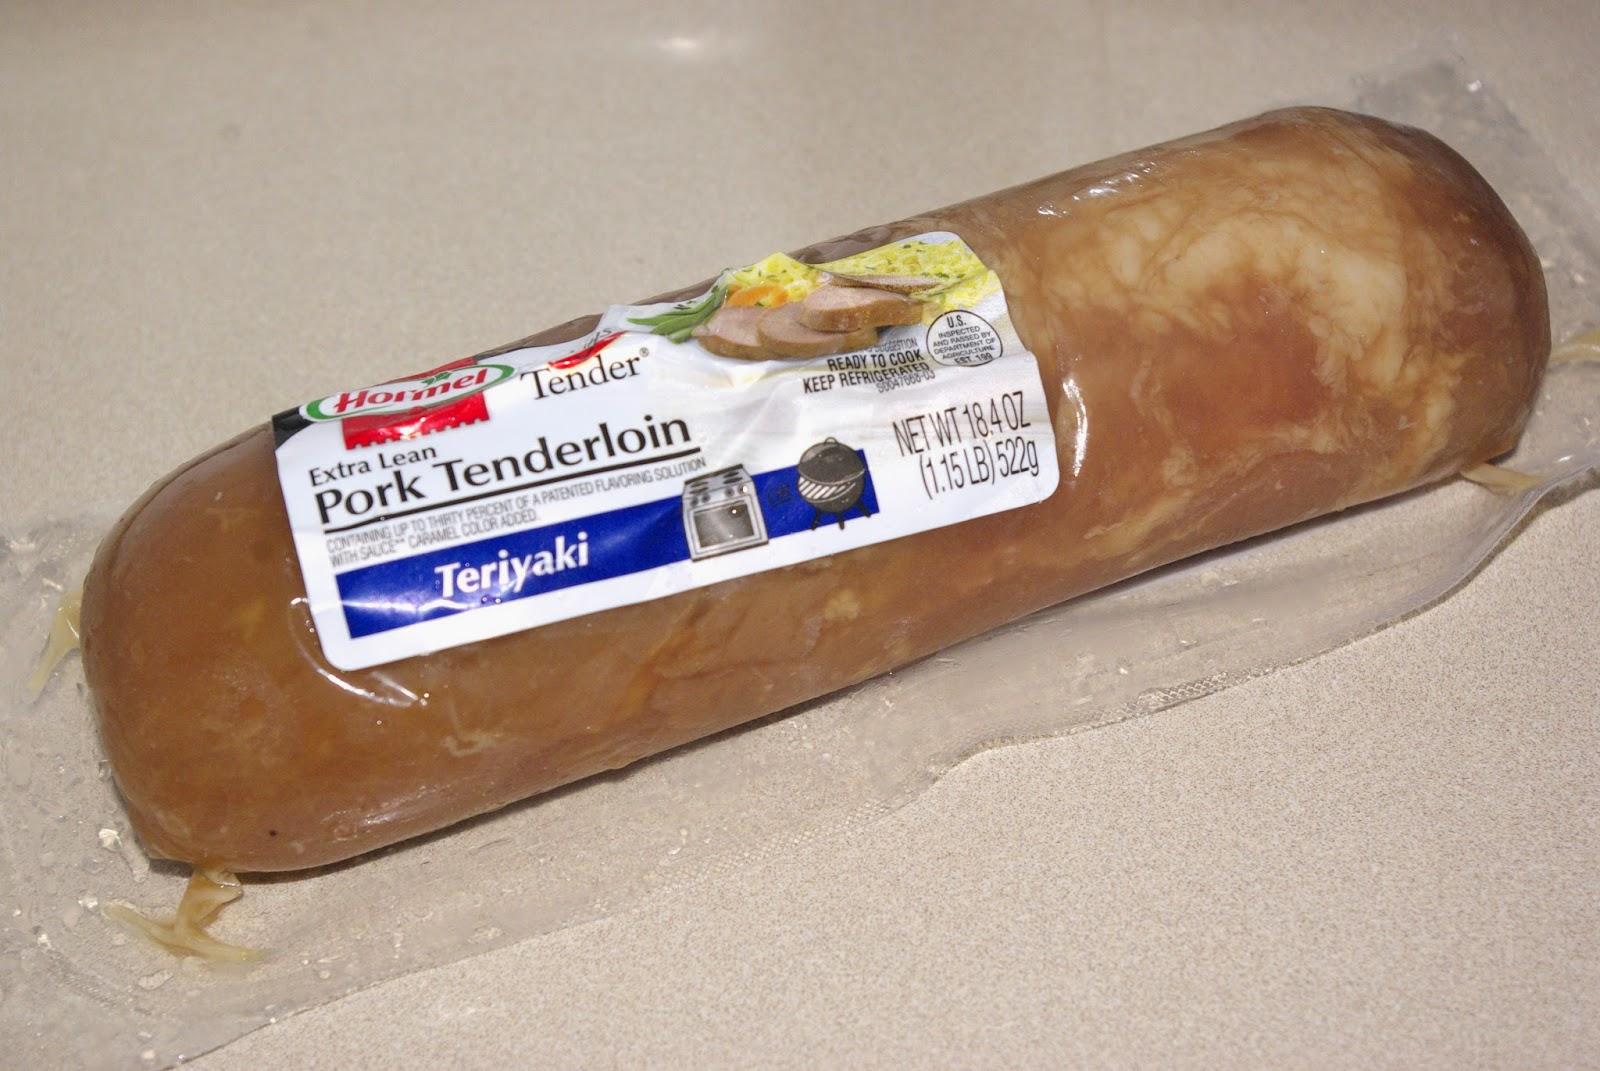 Hormel Extra Lean Pork Tenderloin - Teriyaki